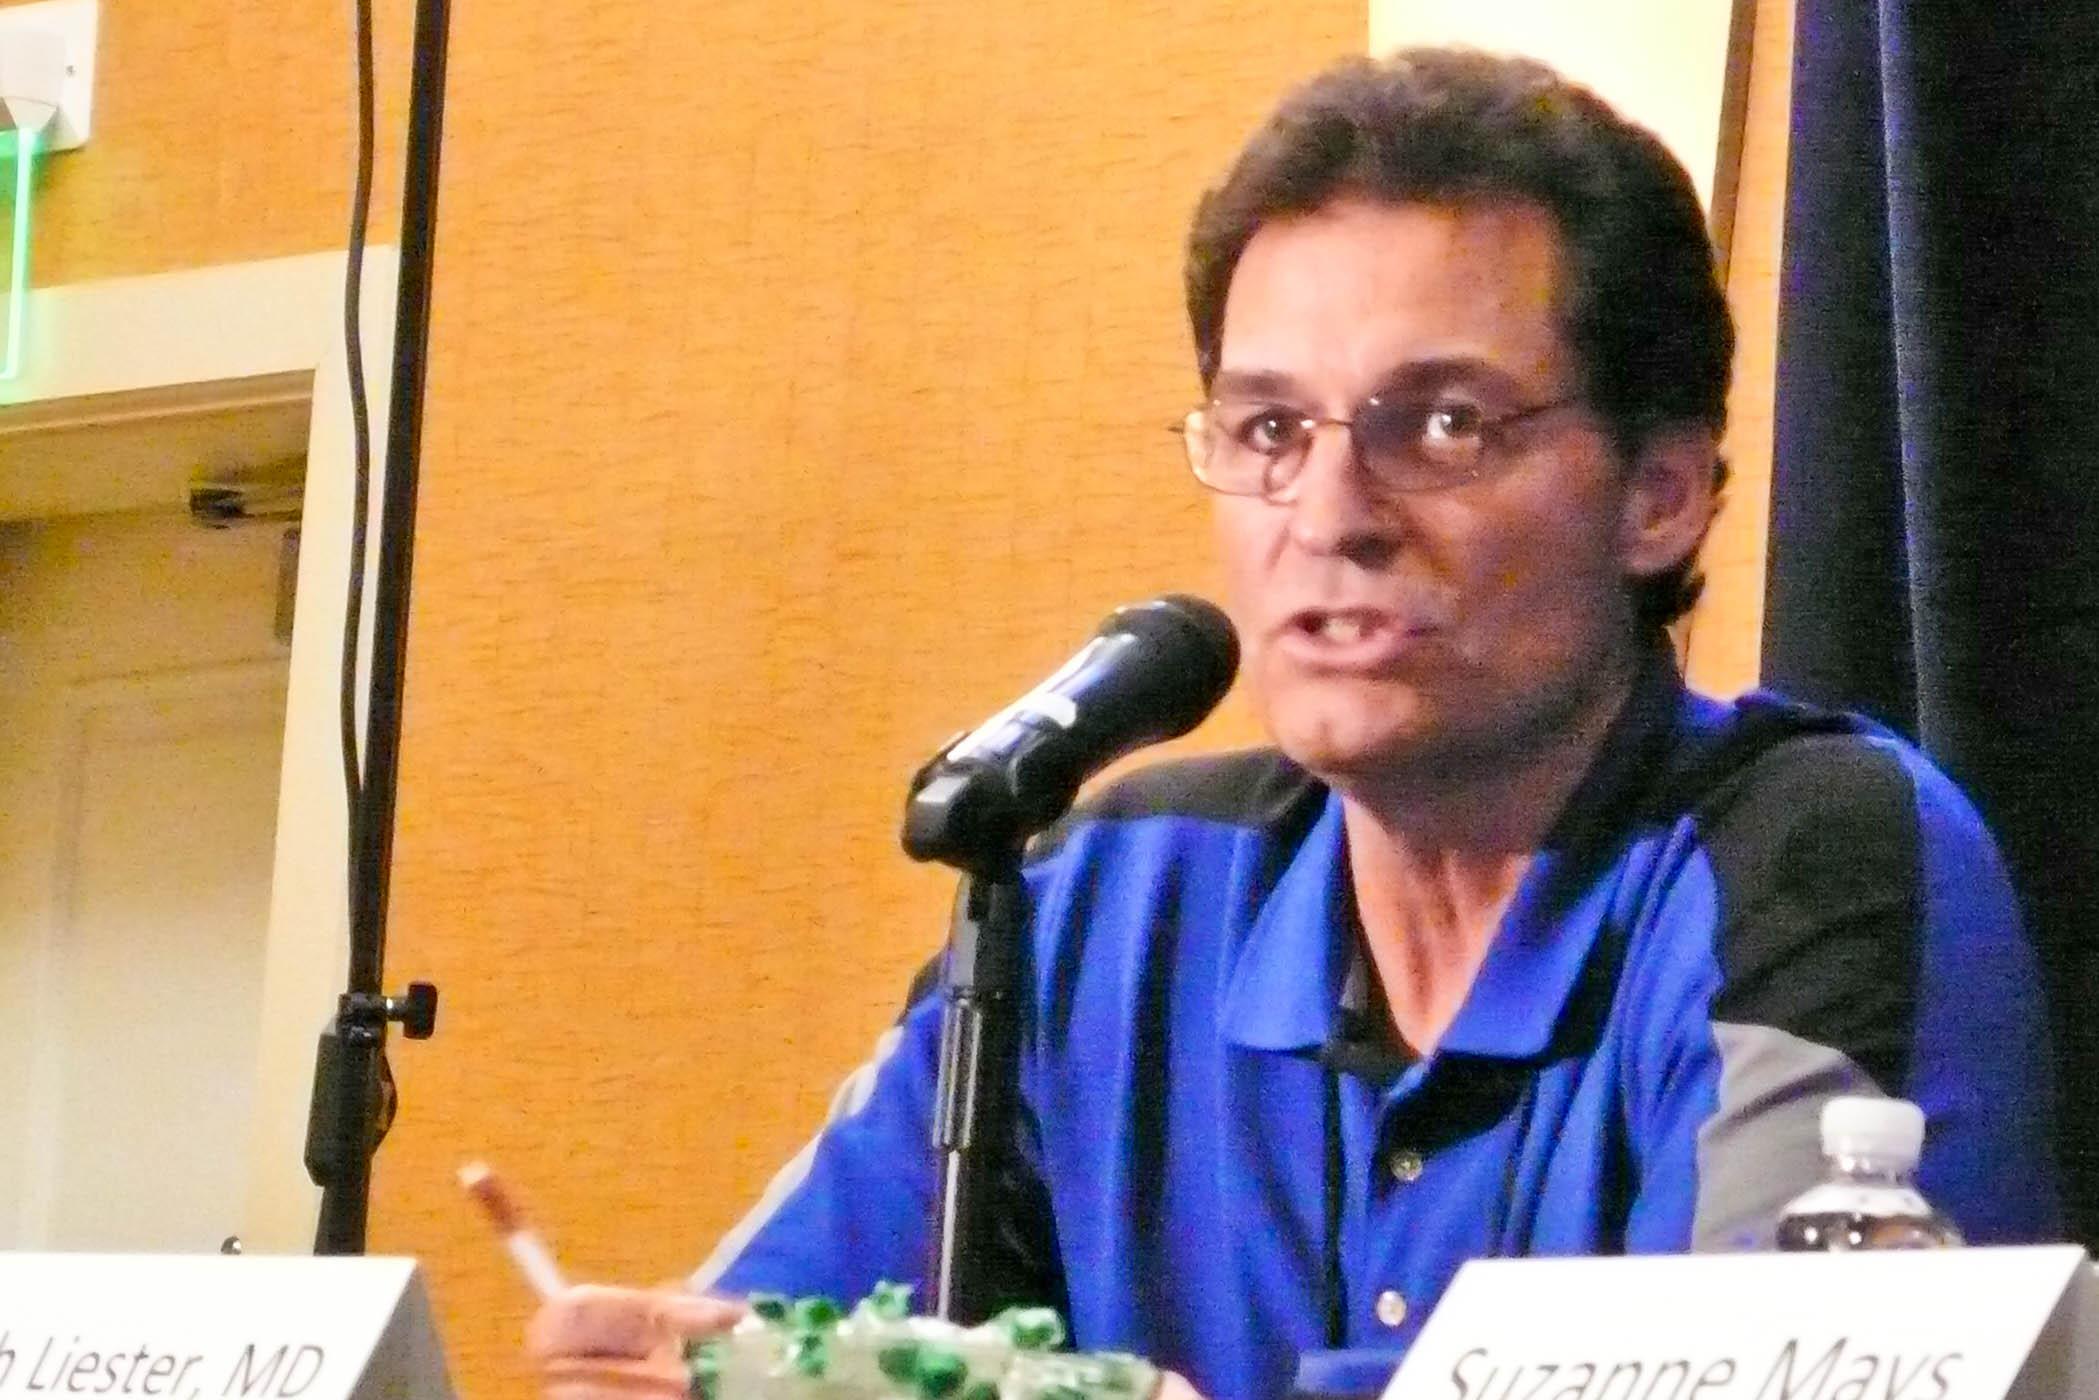 Mitch Liester